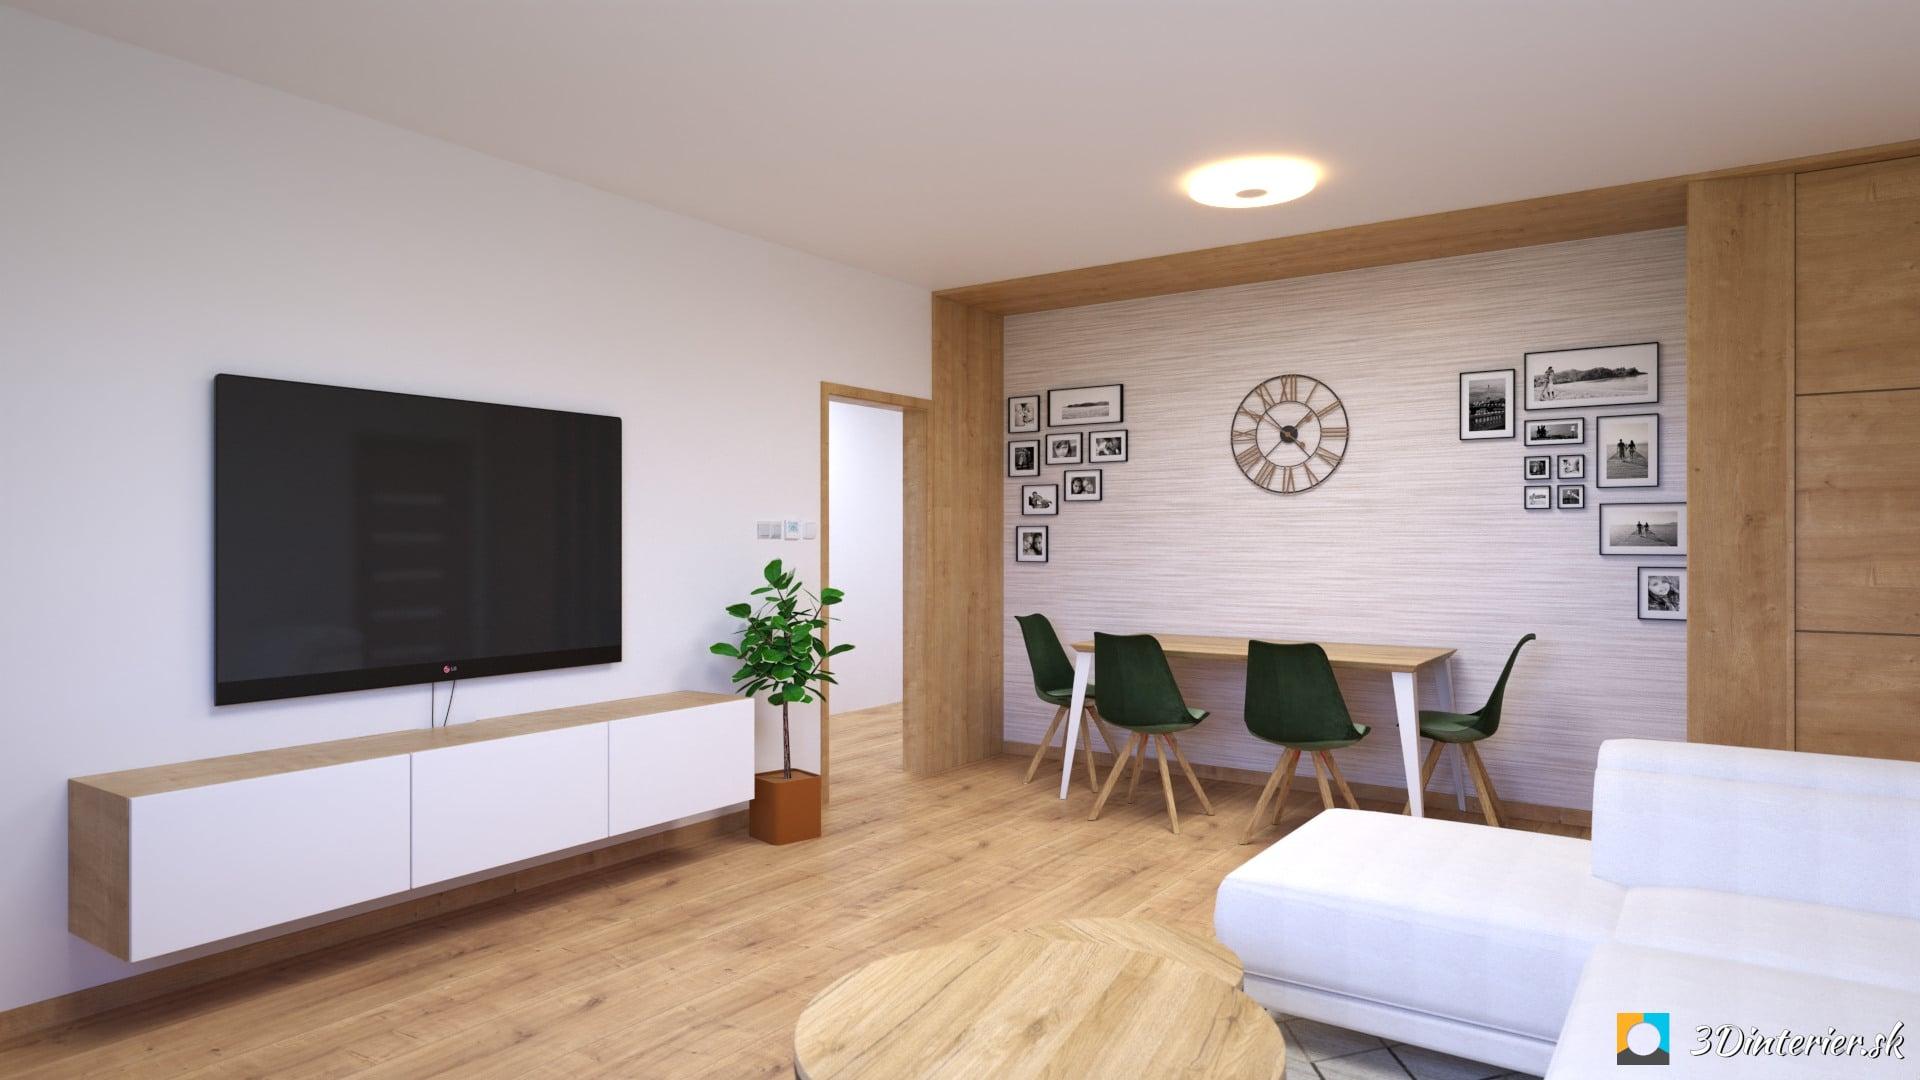 obyvacia izba s jedalenskym stolom nadčasová interiér